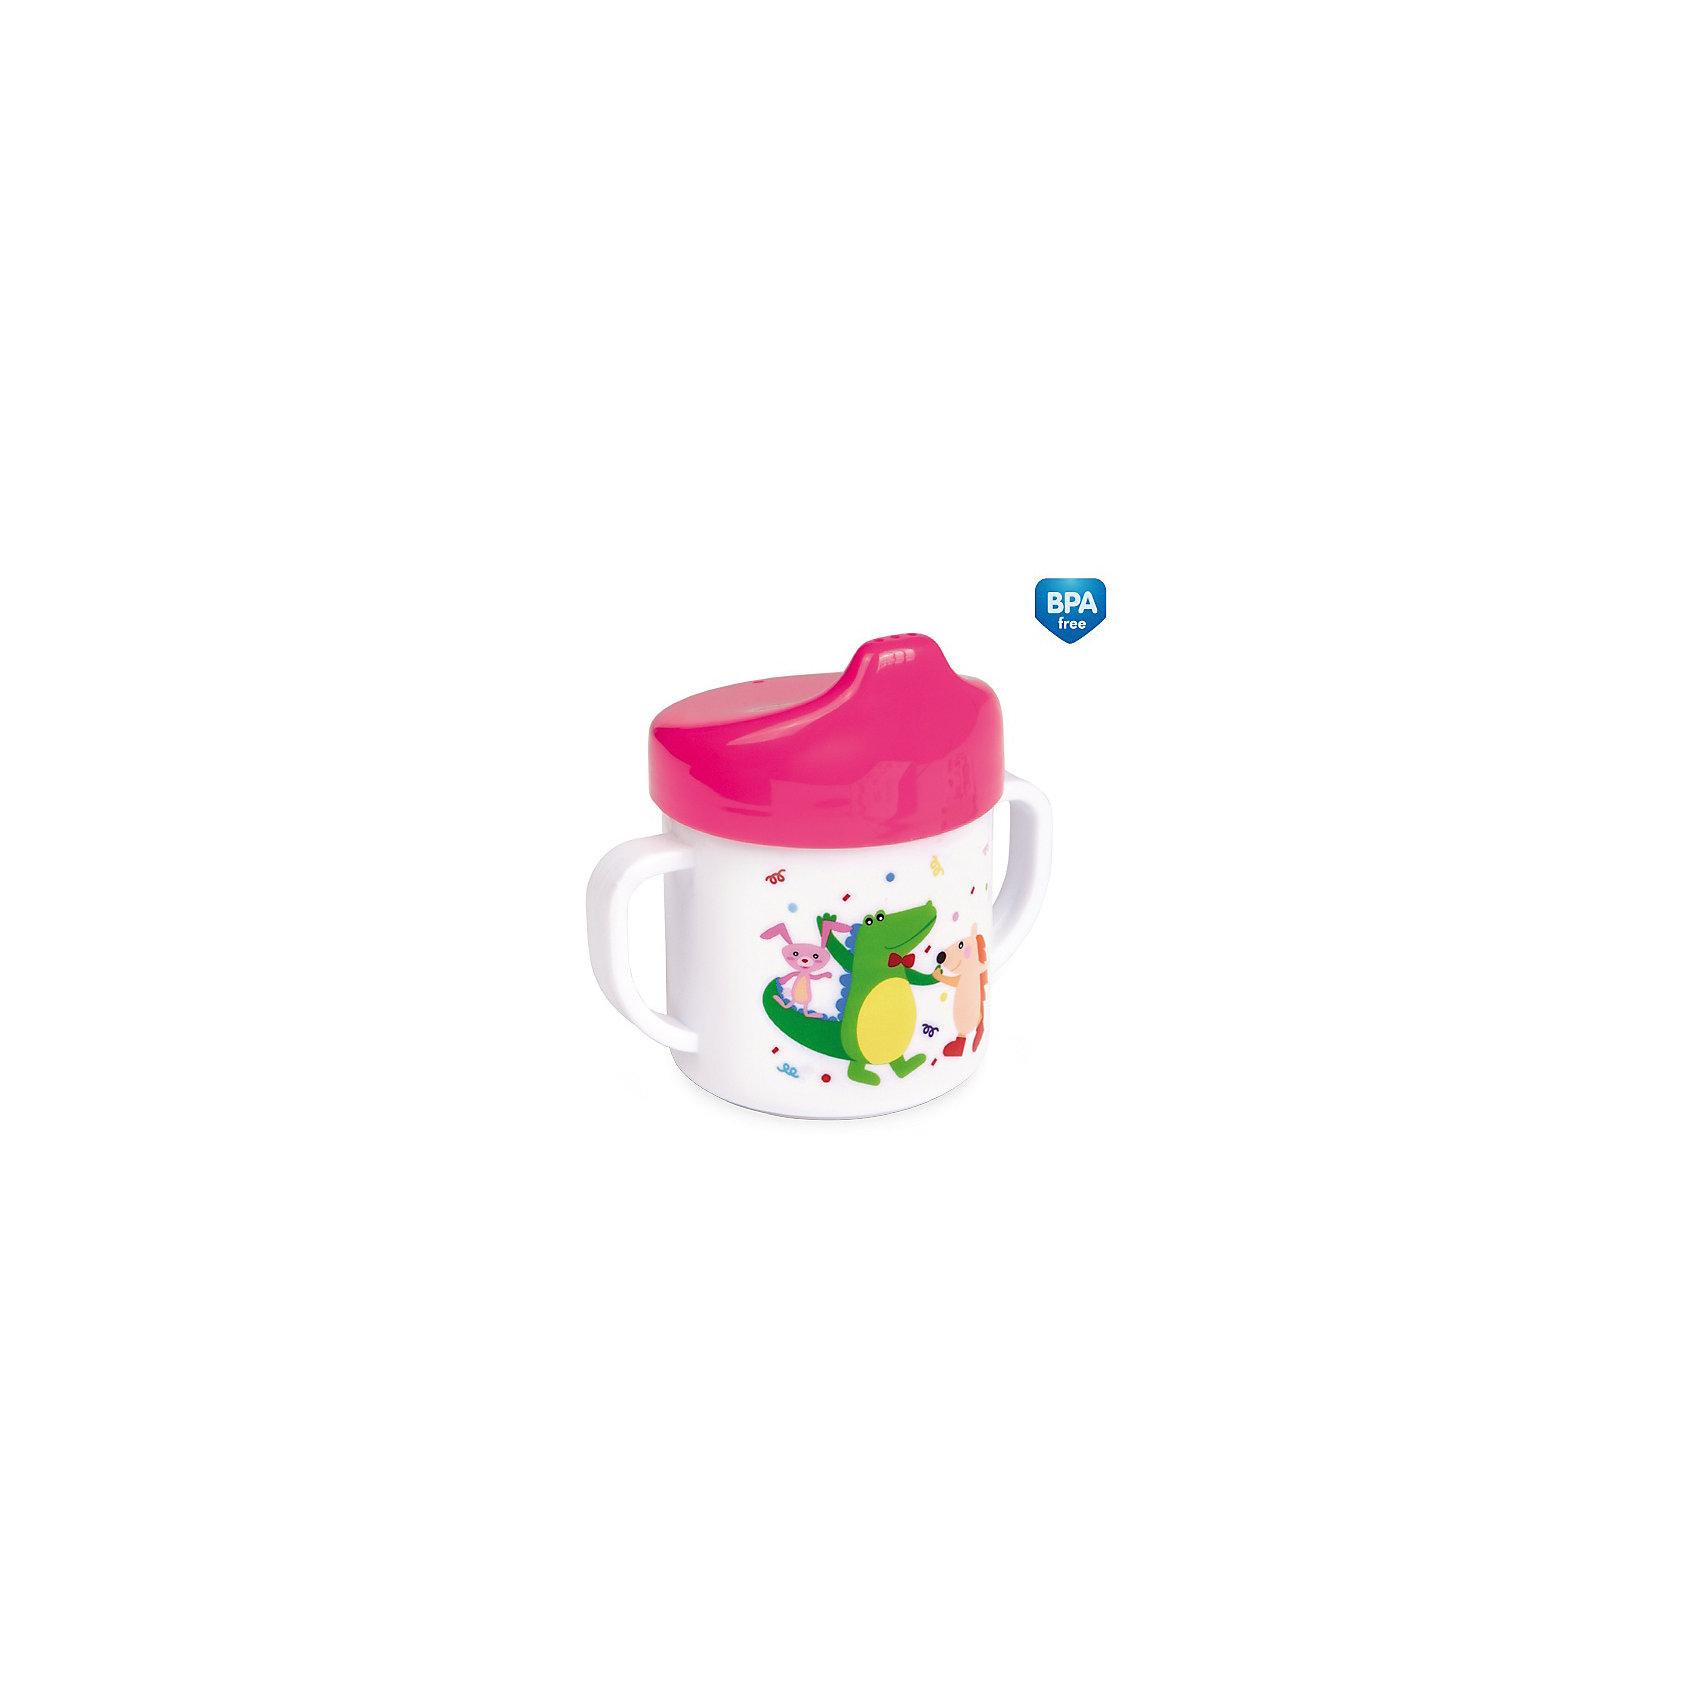 Поильник с ручками Крокодил и Ежик, 150 мл., Canpol Babies, розовыйПоильники<br>оильник с ручками от Canpol Babies идеально подойдет для малышей, которые учатся пить из чашки. Удобные ручки позволяют ребенку легко держать поильник. Герметичная крышка оснащена специальным носиком для питья, который поможет ребенку комфортно перейти от кормления из бутылочки к питью из чашки. Специальные клапаны предотвращают проливание жидкости, если поильник упадет или перевернется. Поильник имеет яркий привлекательный для ребенка дизайн и украшен забавным рисунком.<br><br>Дополнительная информация:<br>- Материал: полипропилен.<br>- Объем: 150 мл.<br>- Размер упаковки: 11 х 7 х 11 см.<br>- Вес: 0,11 кг. <br>Поильник с ручками, 150 мл.,  Canpol Babies  можно купить в нашем интернет-магазине.<br><br>Ширина мм: 105<br>Глубина мм: 70<br>Высота мм: 110<br>Вес г: 73<br>Цвет: розовый<br>Возраст от месяцев: 12<br>Возраст до месяцев: 36<br>Пол: Женский<br>Возраст: Детский<br>SKU: 4284845